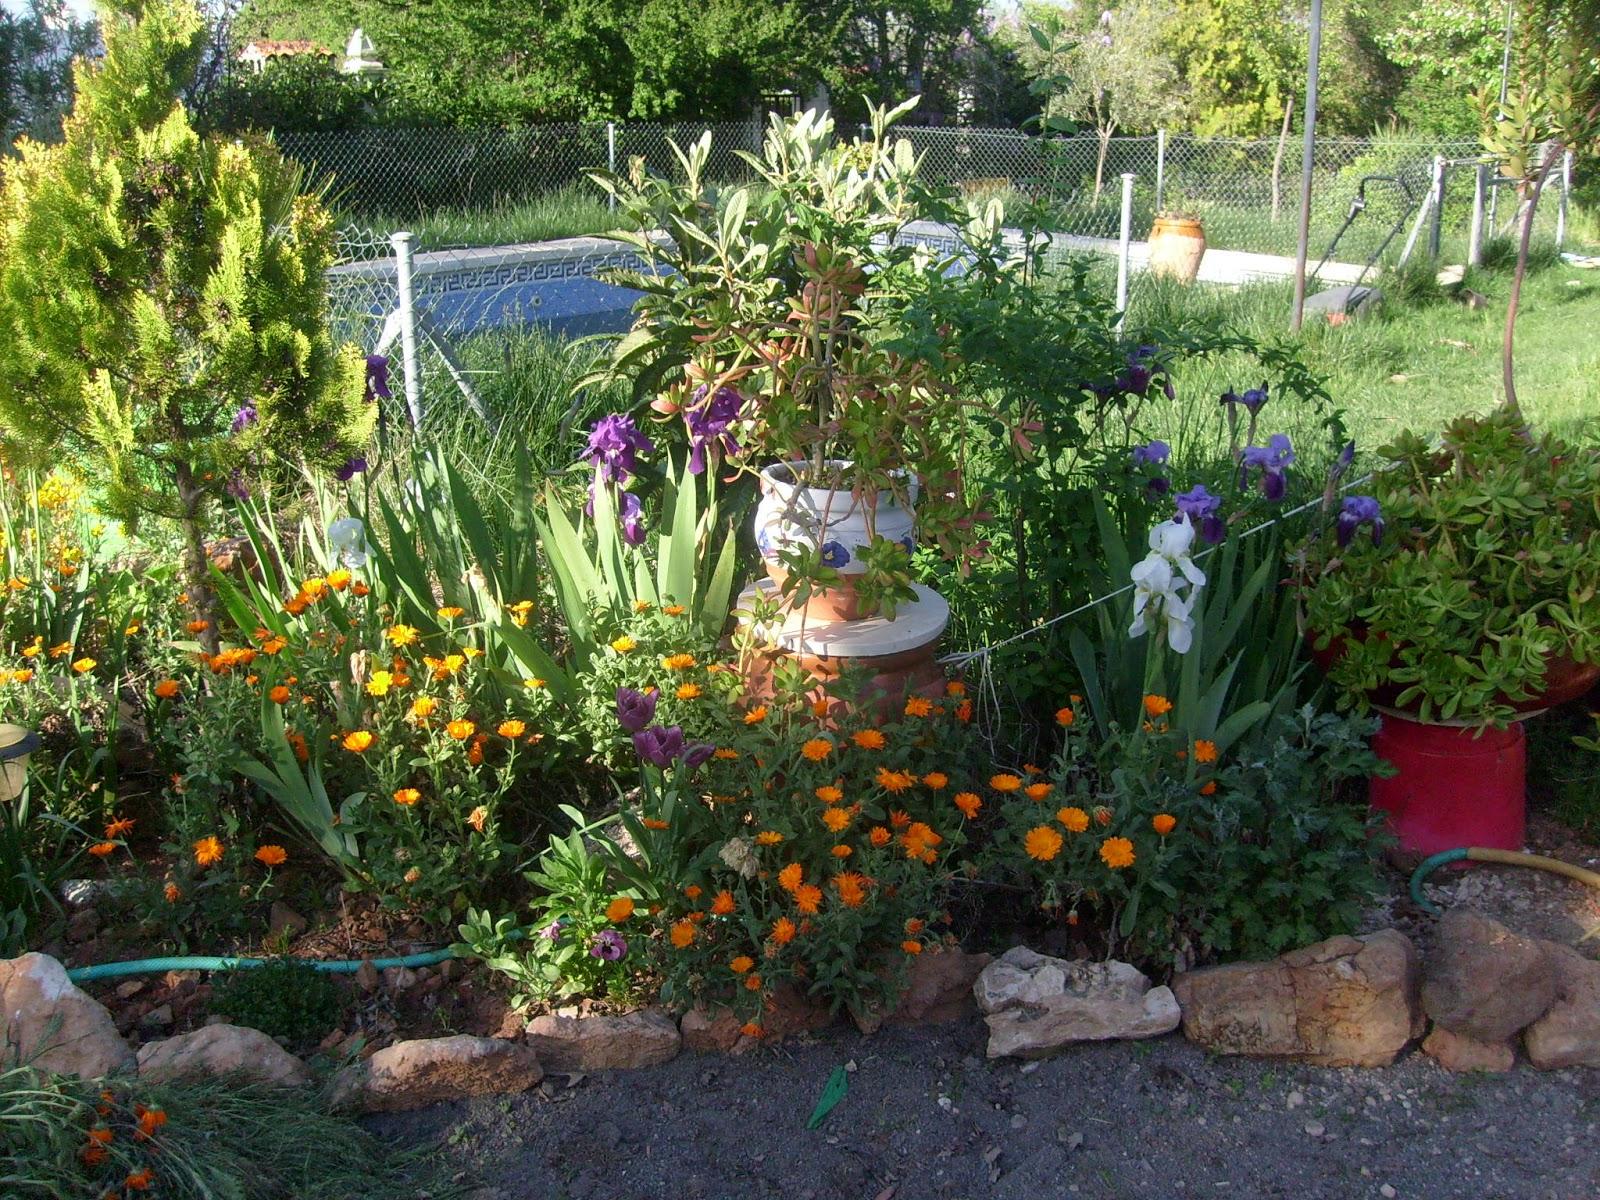 Rincones y plantas de mi jard n p gina 15 for Como arreglar mi jardin con piedras